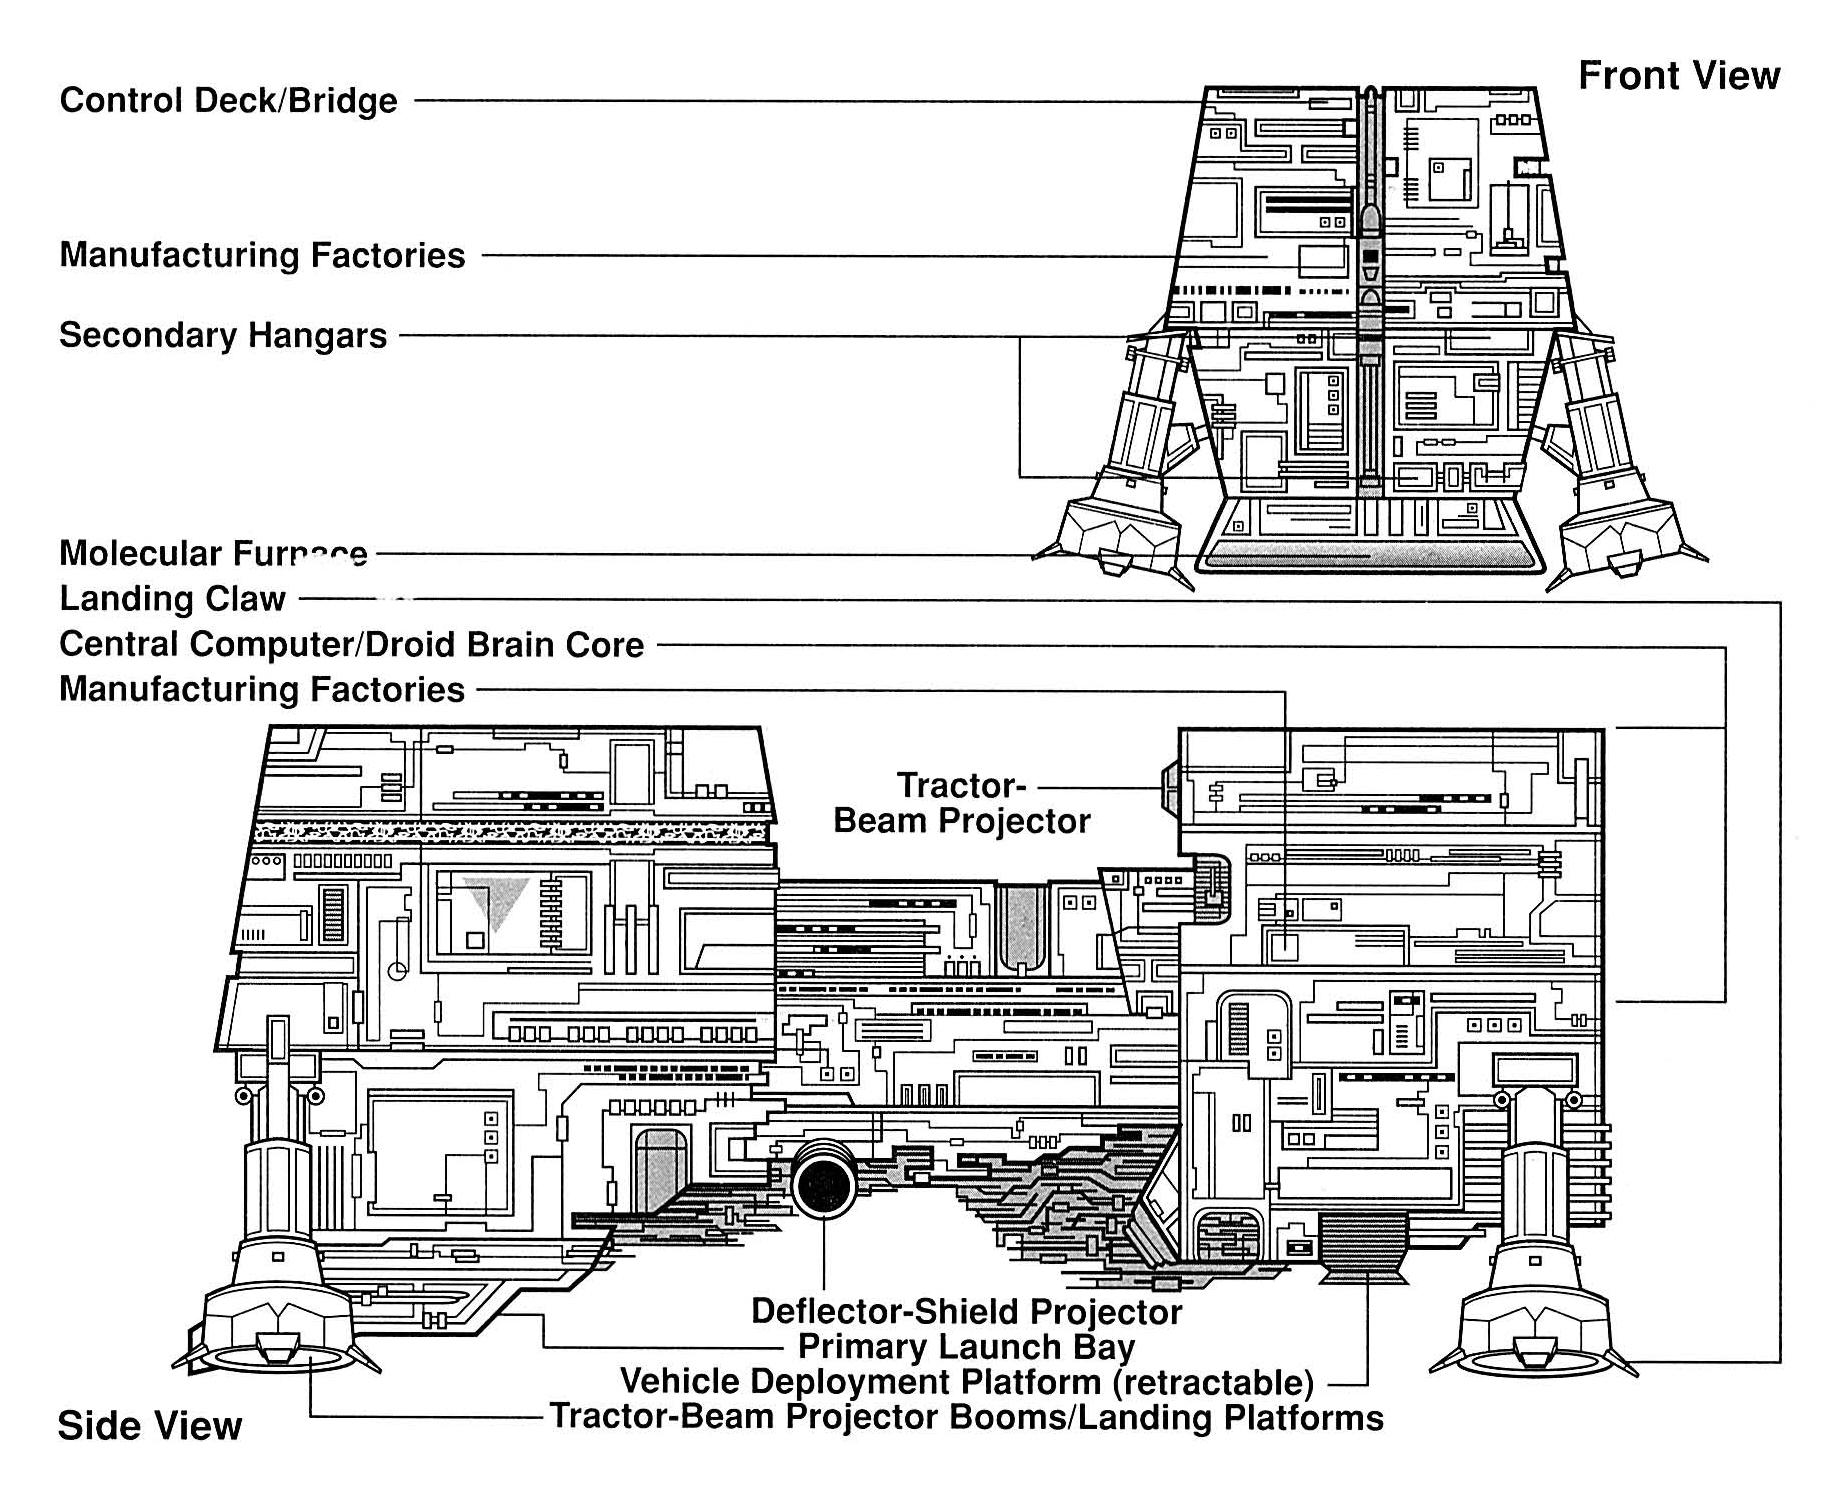 Star Wars Starship Schematics Database - Wiring Data Starship Schematics on macross sdf-1 schematics, train schematics, cylon fighter schematics, space schematics, starbase schematics, mecha schematics,